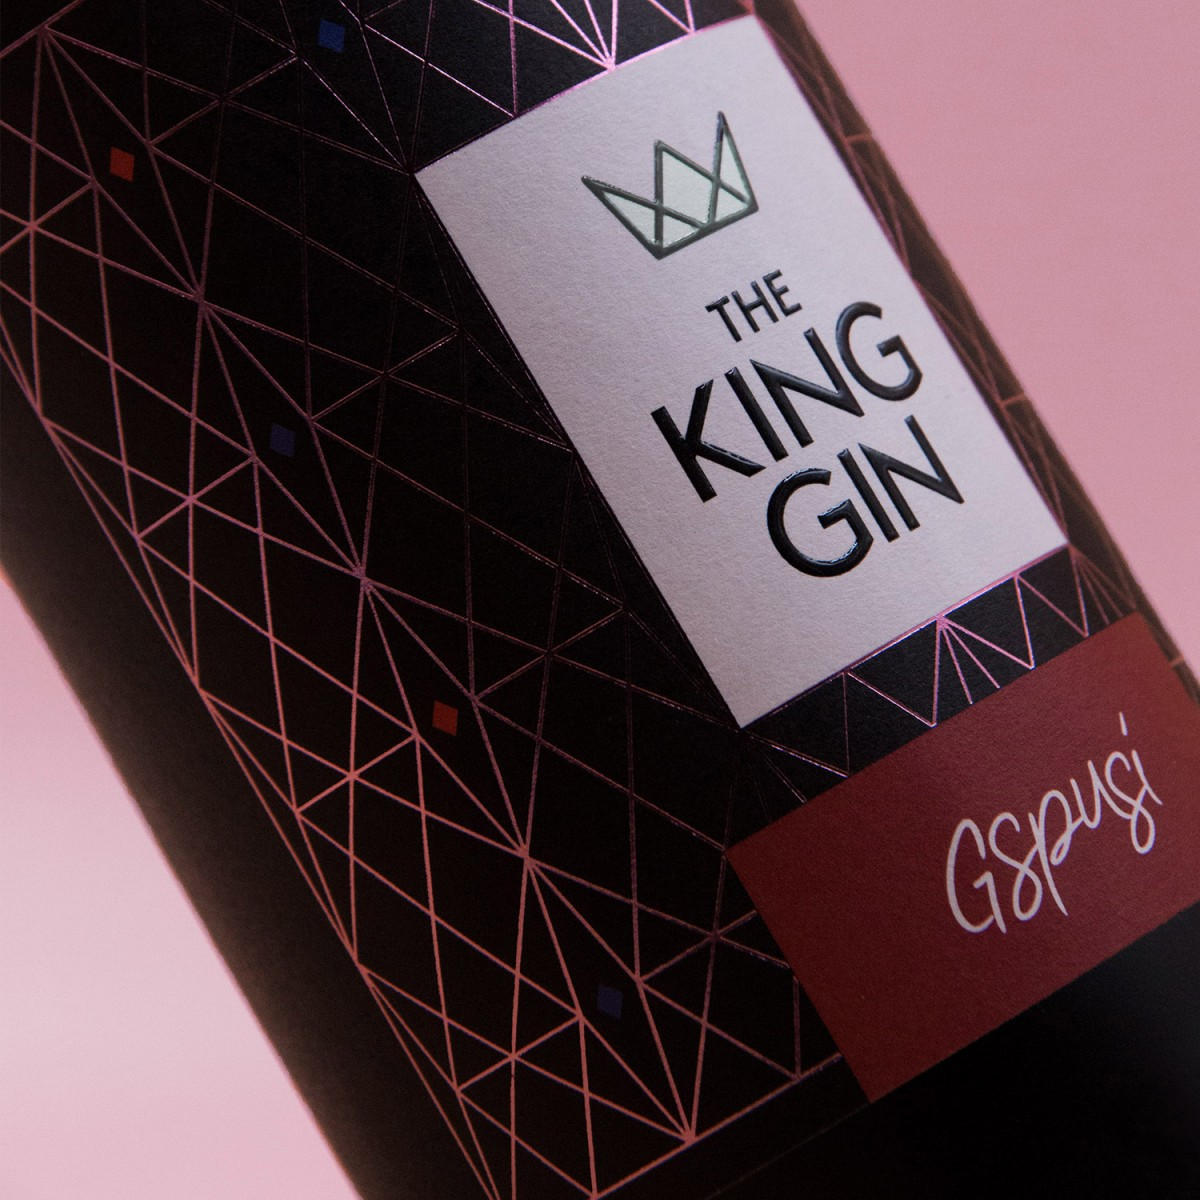 The King Gin – Gspusi